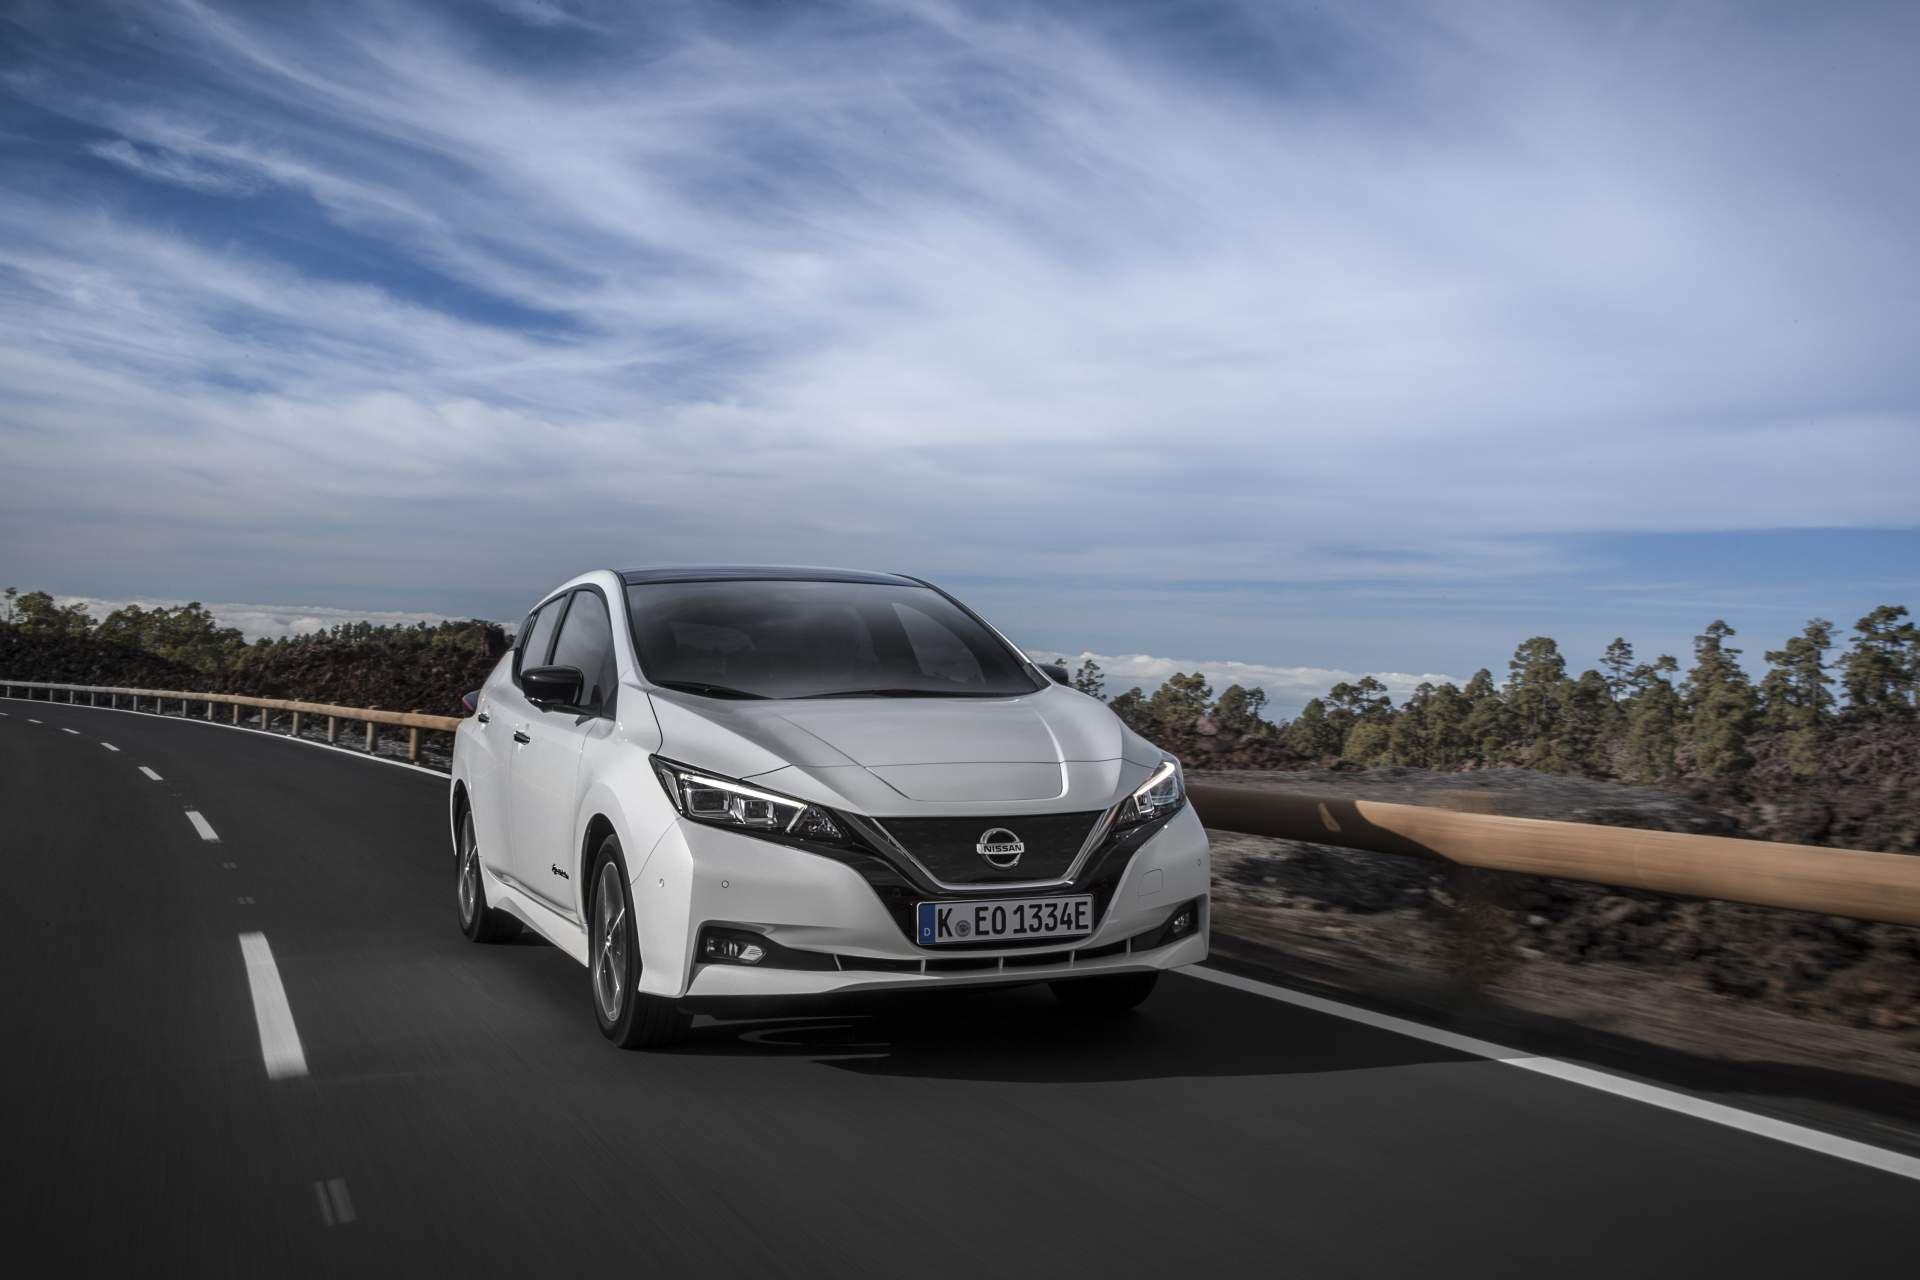 Речиси една третина од автомобилите продадени во Норвешка изминатата година се електрични модели